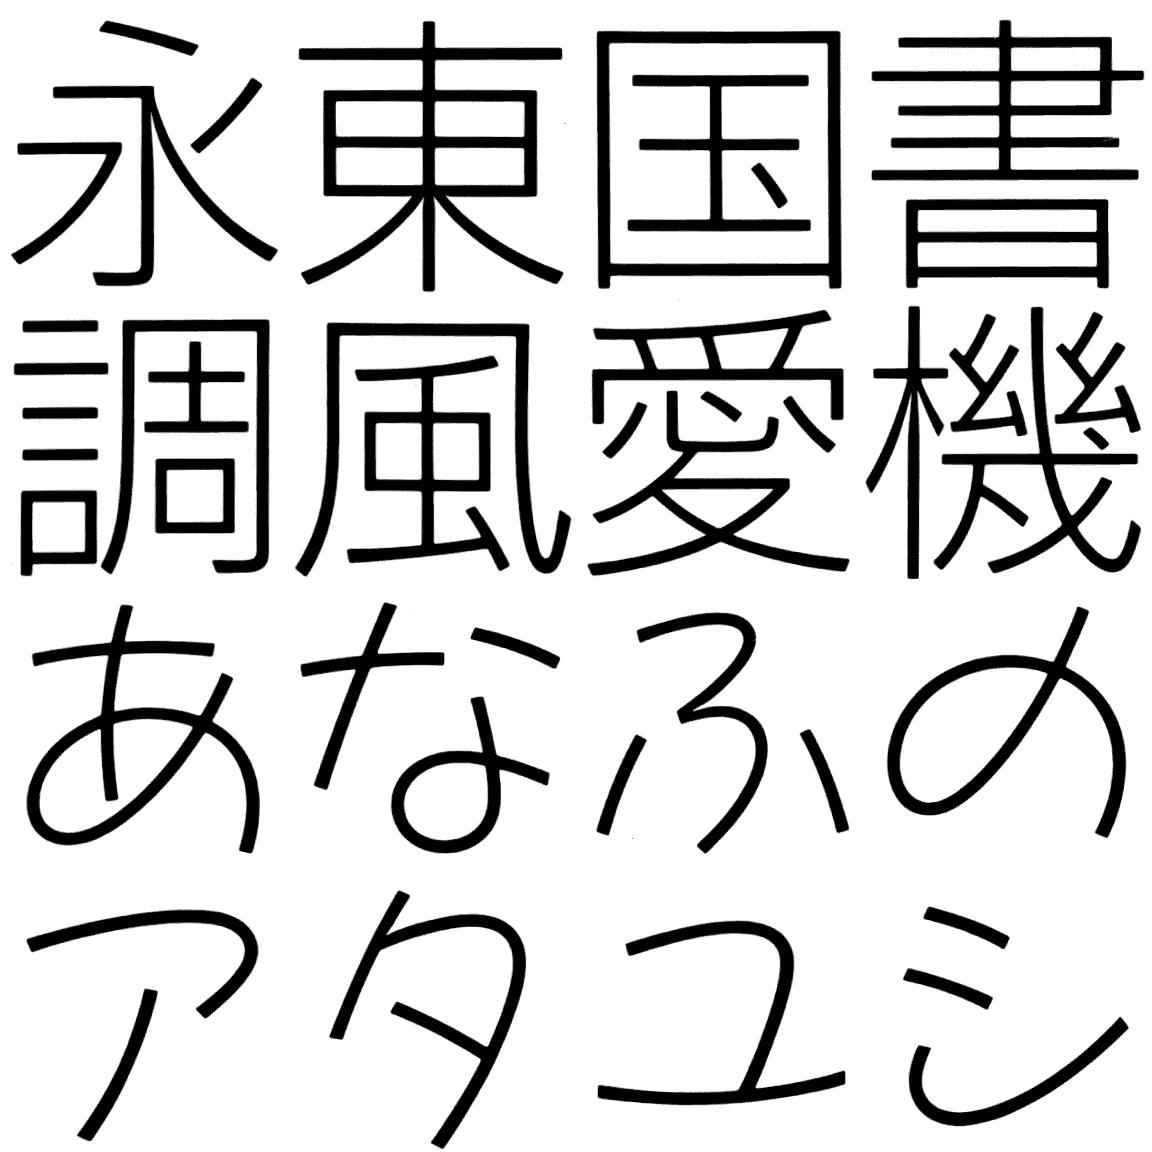 ゴカール L(かな) LGC 字形見本